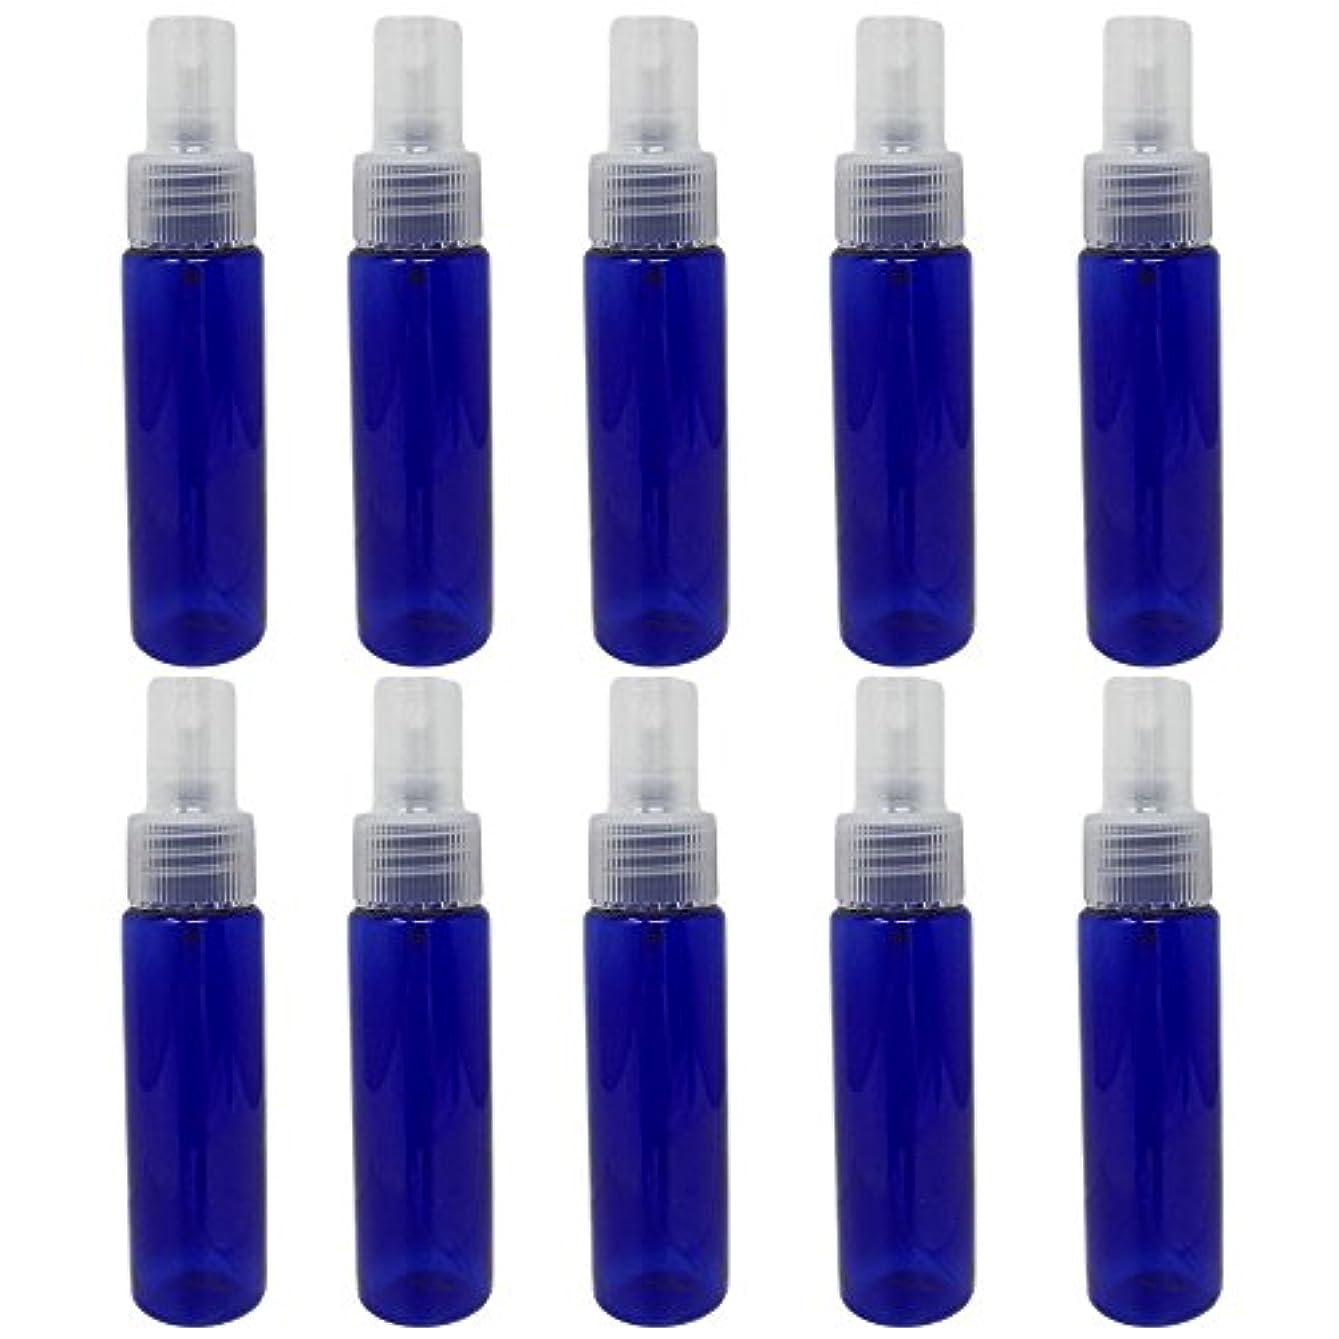 [pkpohs] スプレーボトル 霧吹き スプレー 小分け ボトル 保存容器 化粧水 コスメ 携帯用 (30ml/10本)